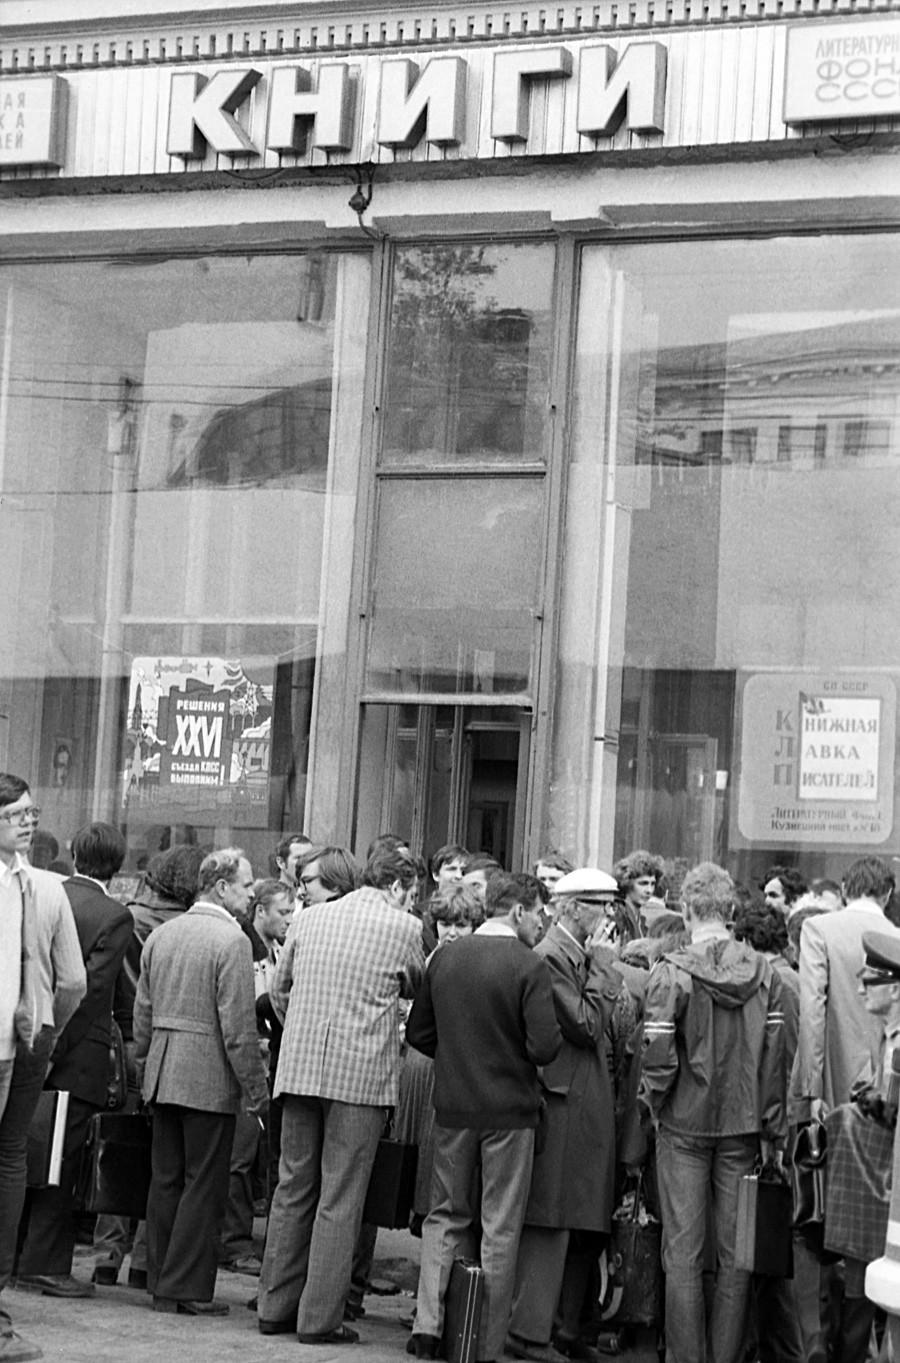 La folla davanti a un negozio di libri in Kuznetsky Most, a Mosca, 1981